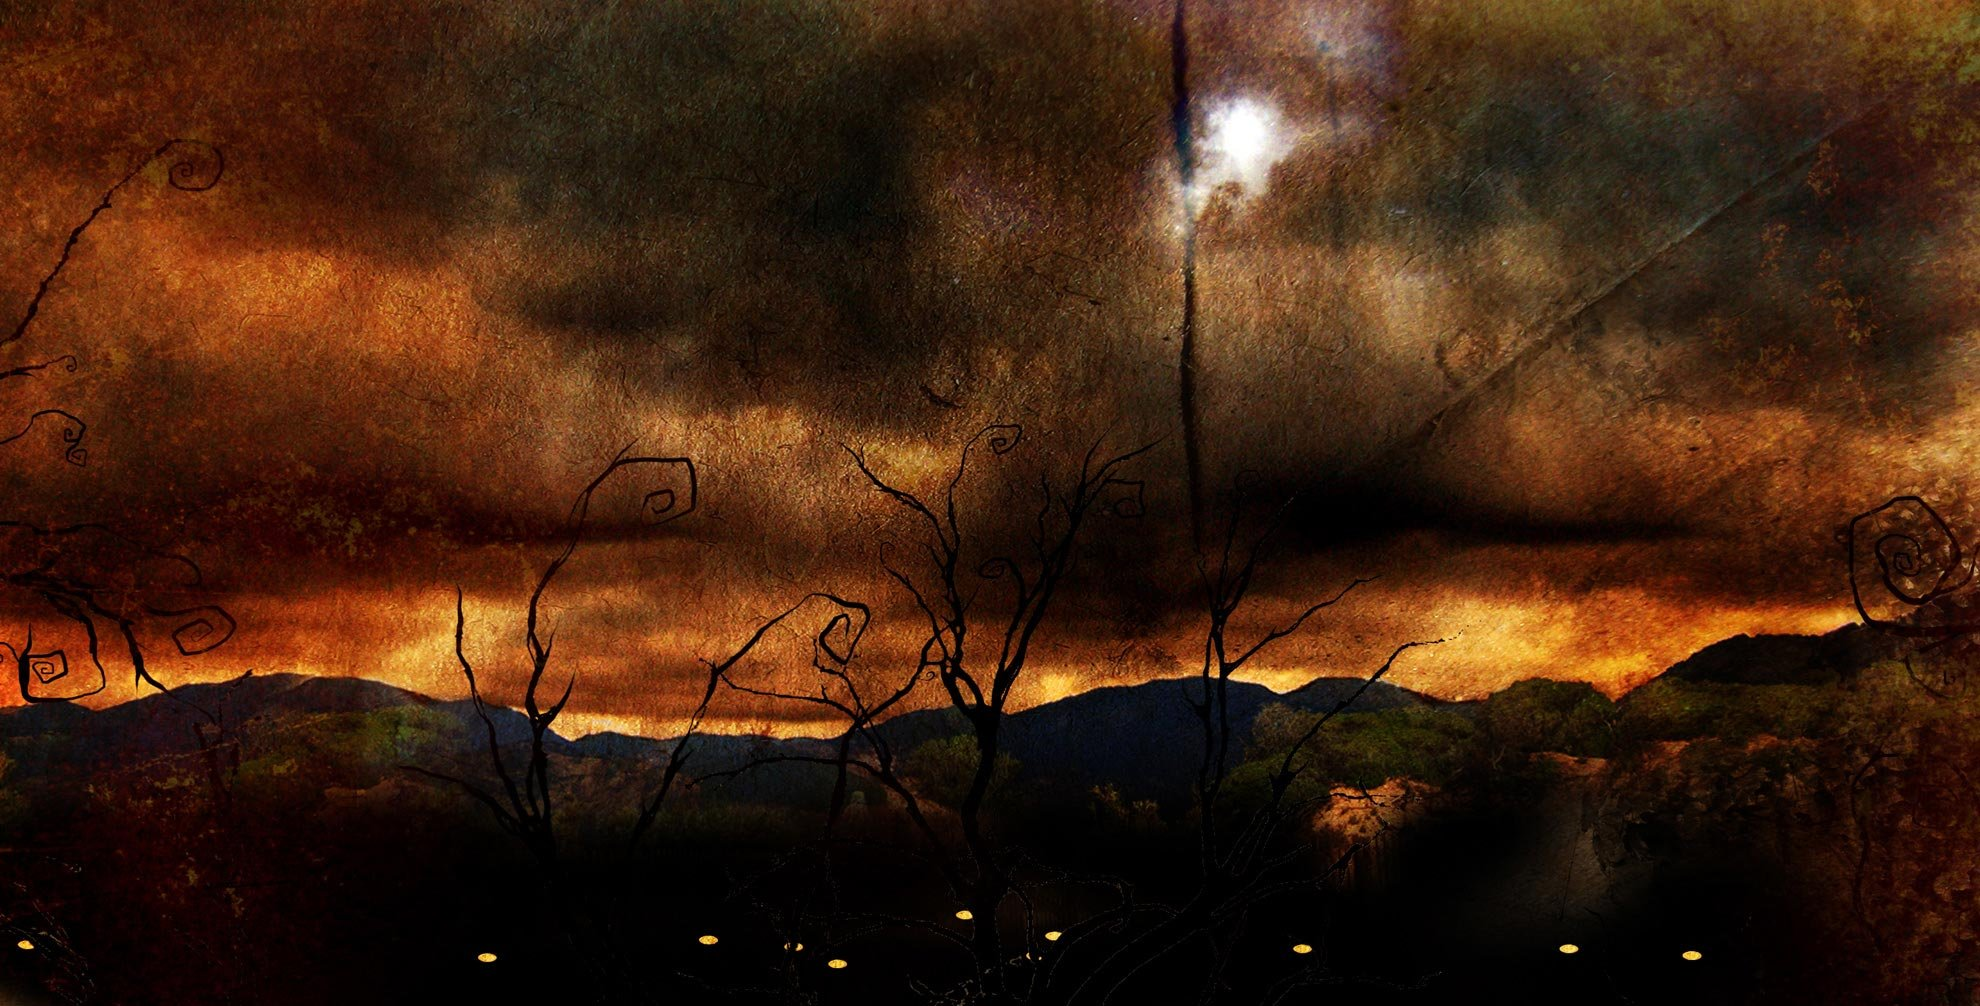 evil landscape background -#main